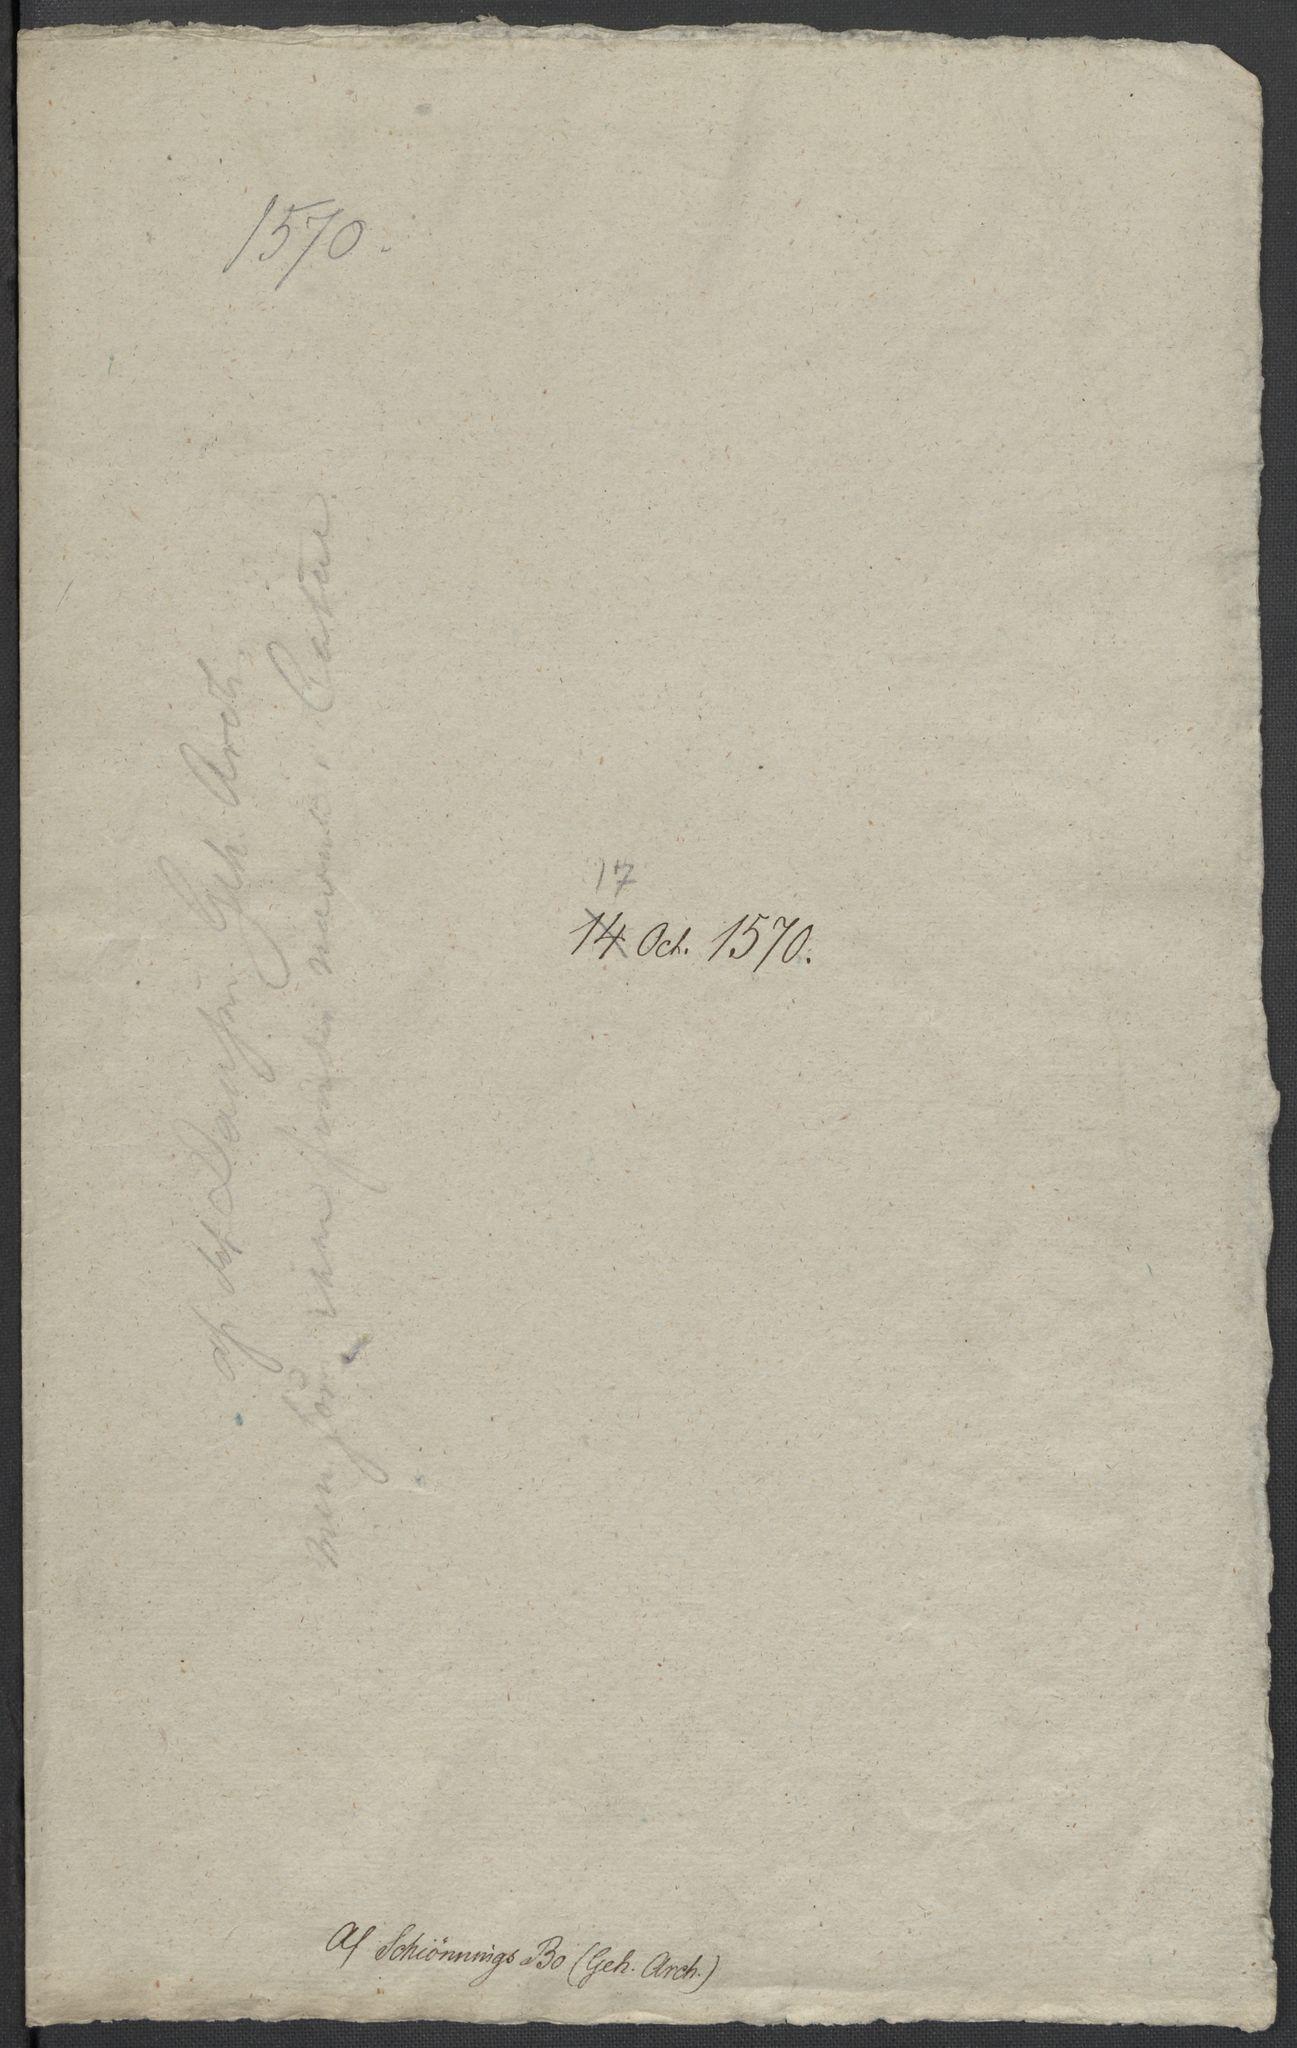 RA, Riksarkivets diplomsamling, F02/L0075: Dokumenter, 1570-1571, s. 34